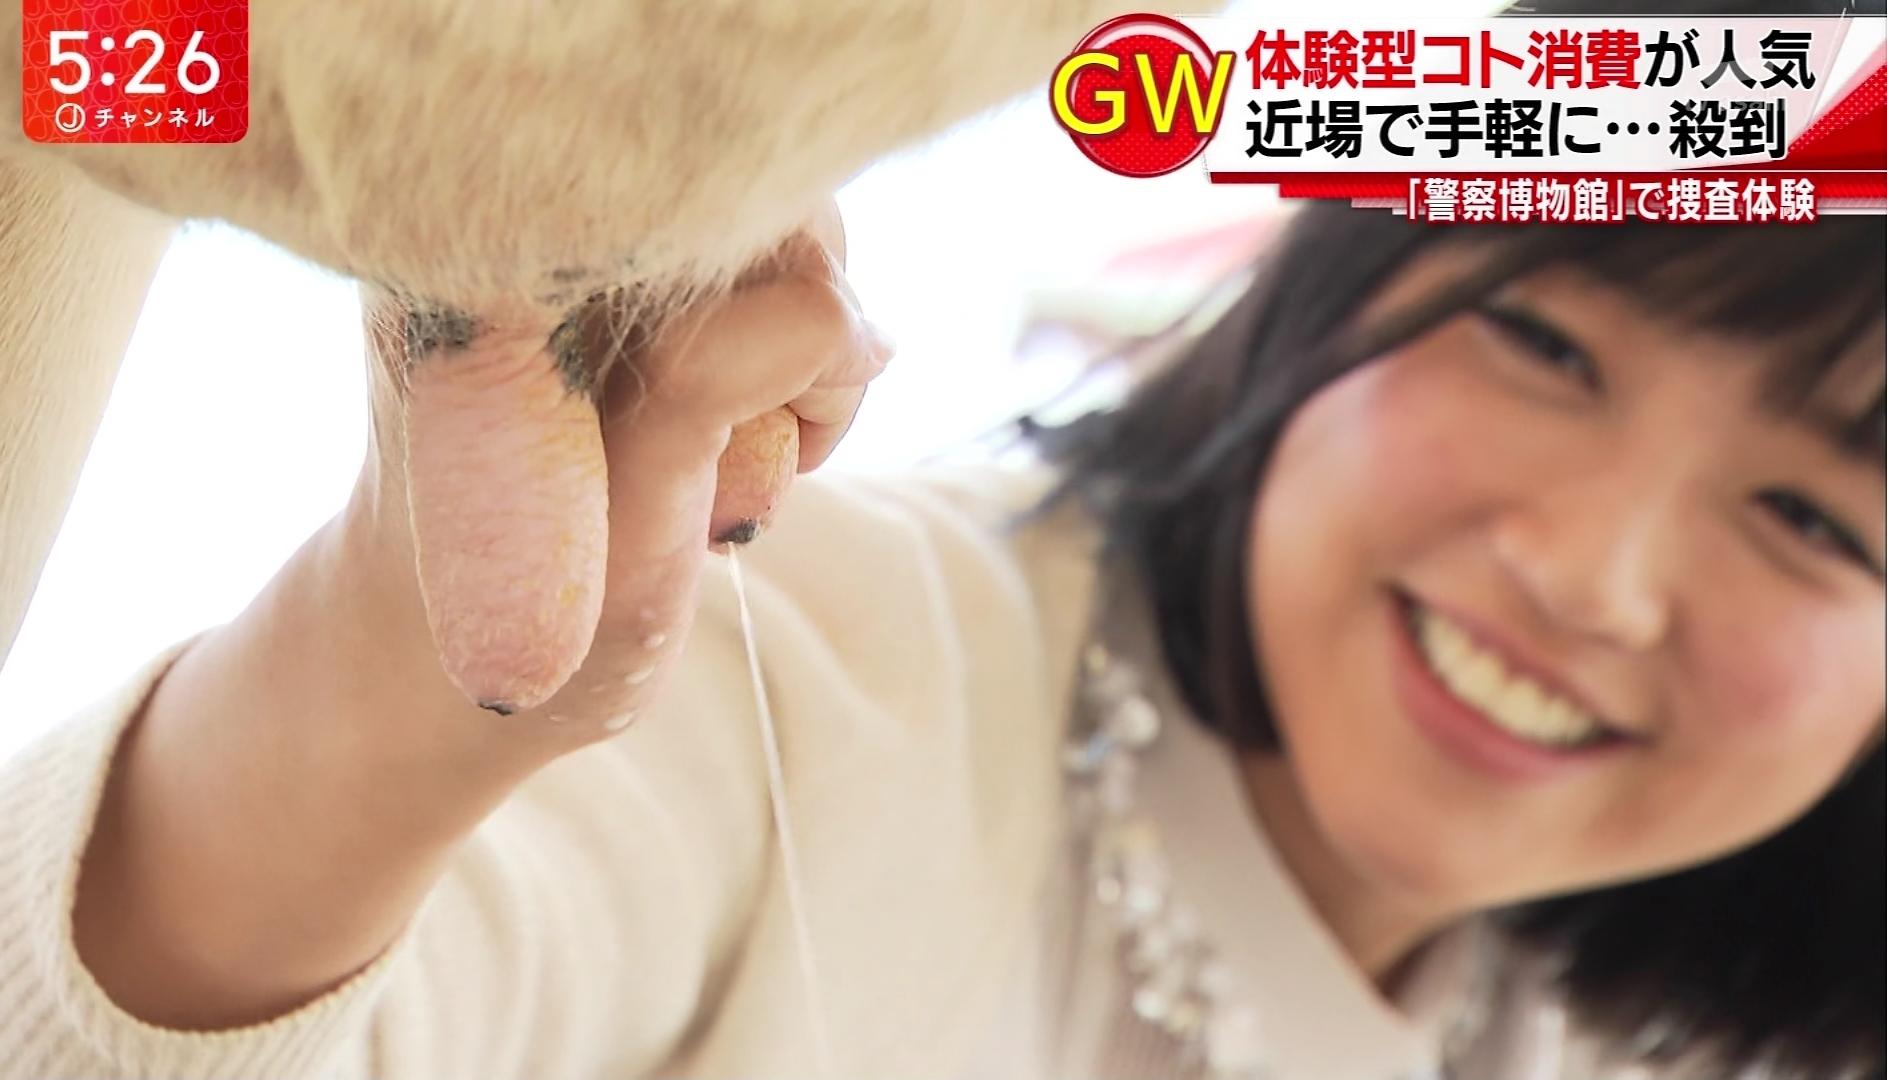 竹内由恵の手コキ (4)